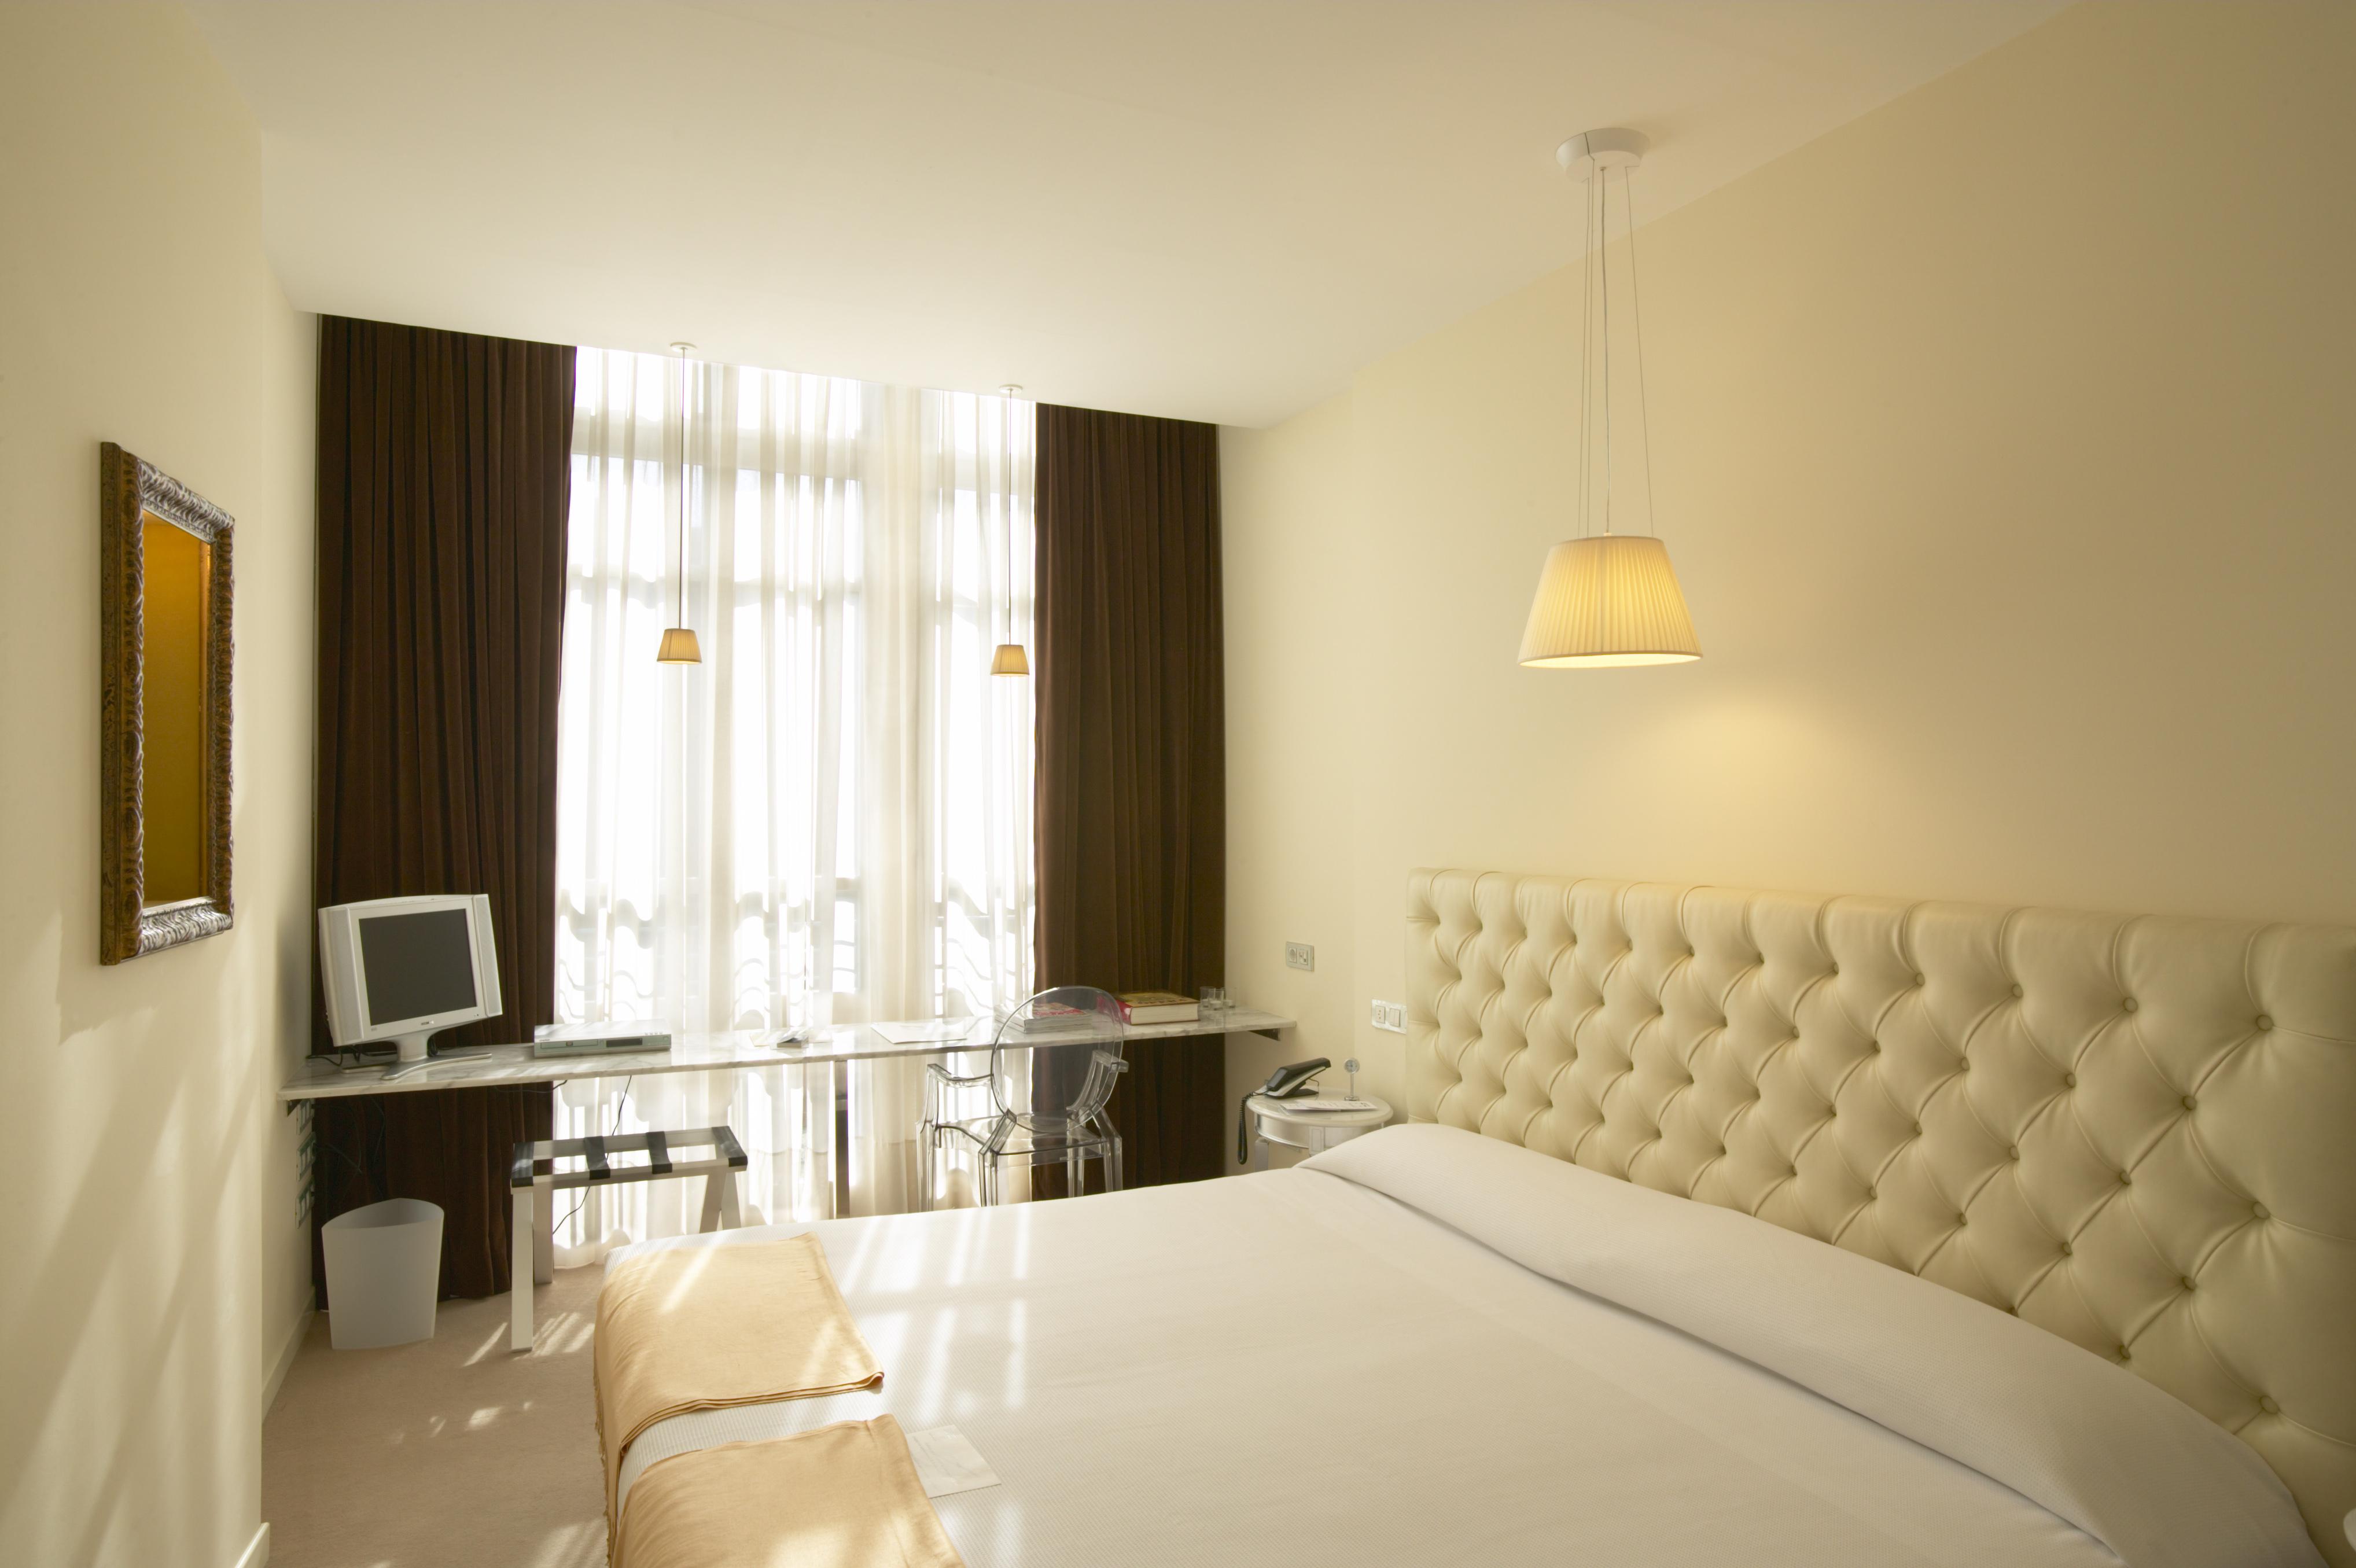 Hotel Libretto room